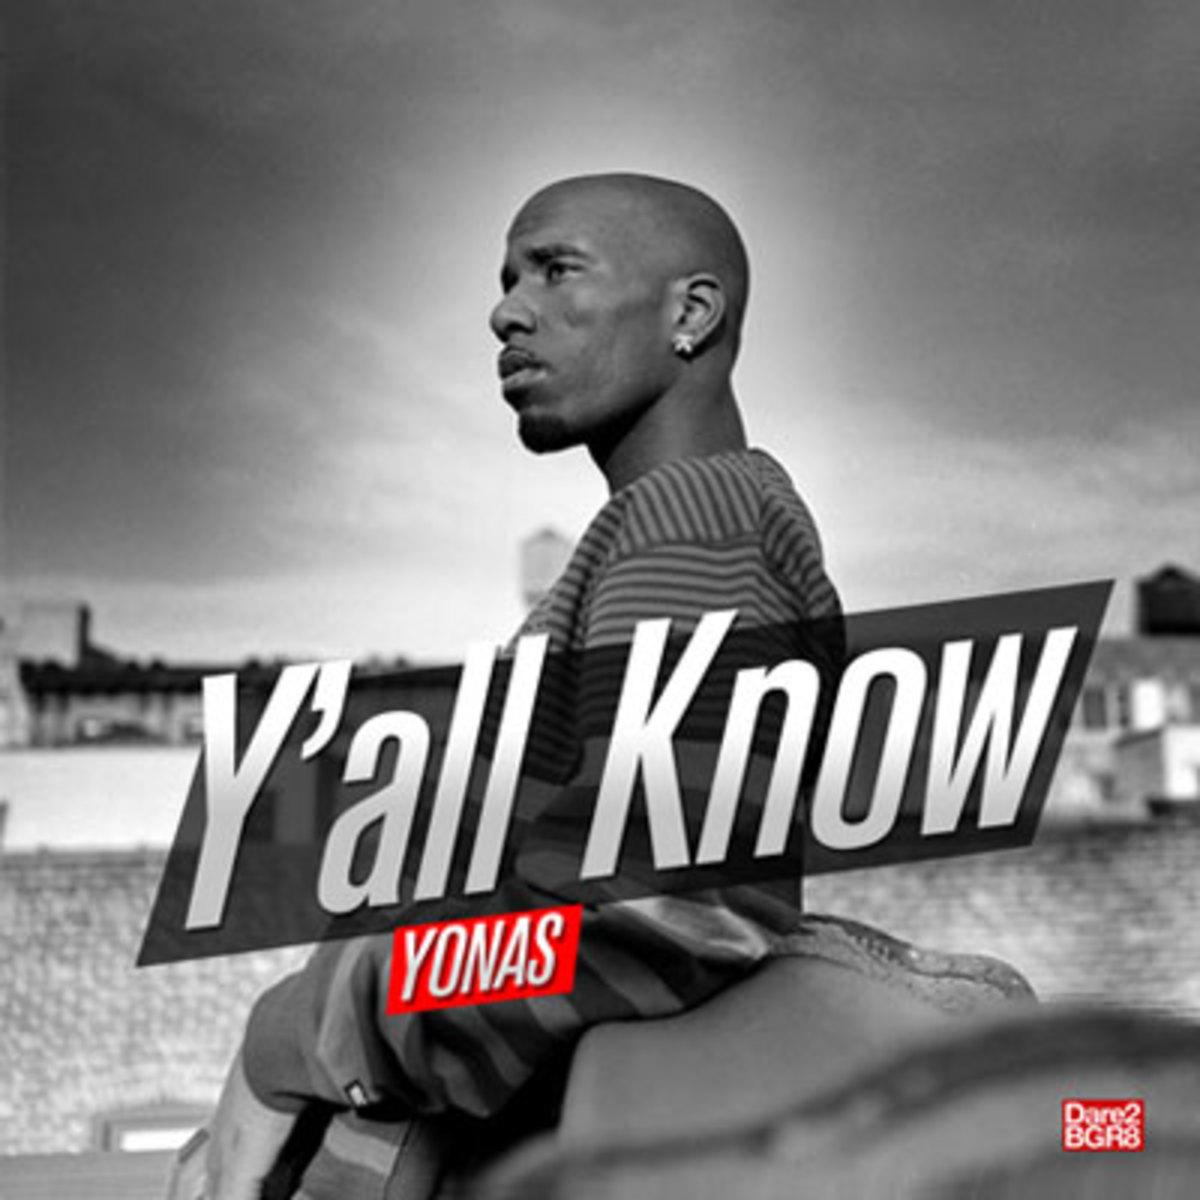 yonas-yallknow.jpg